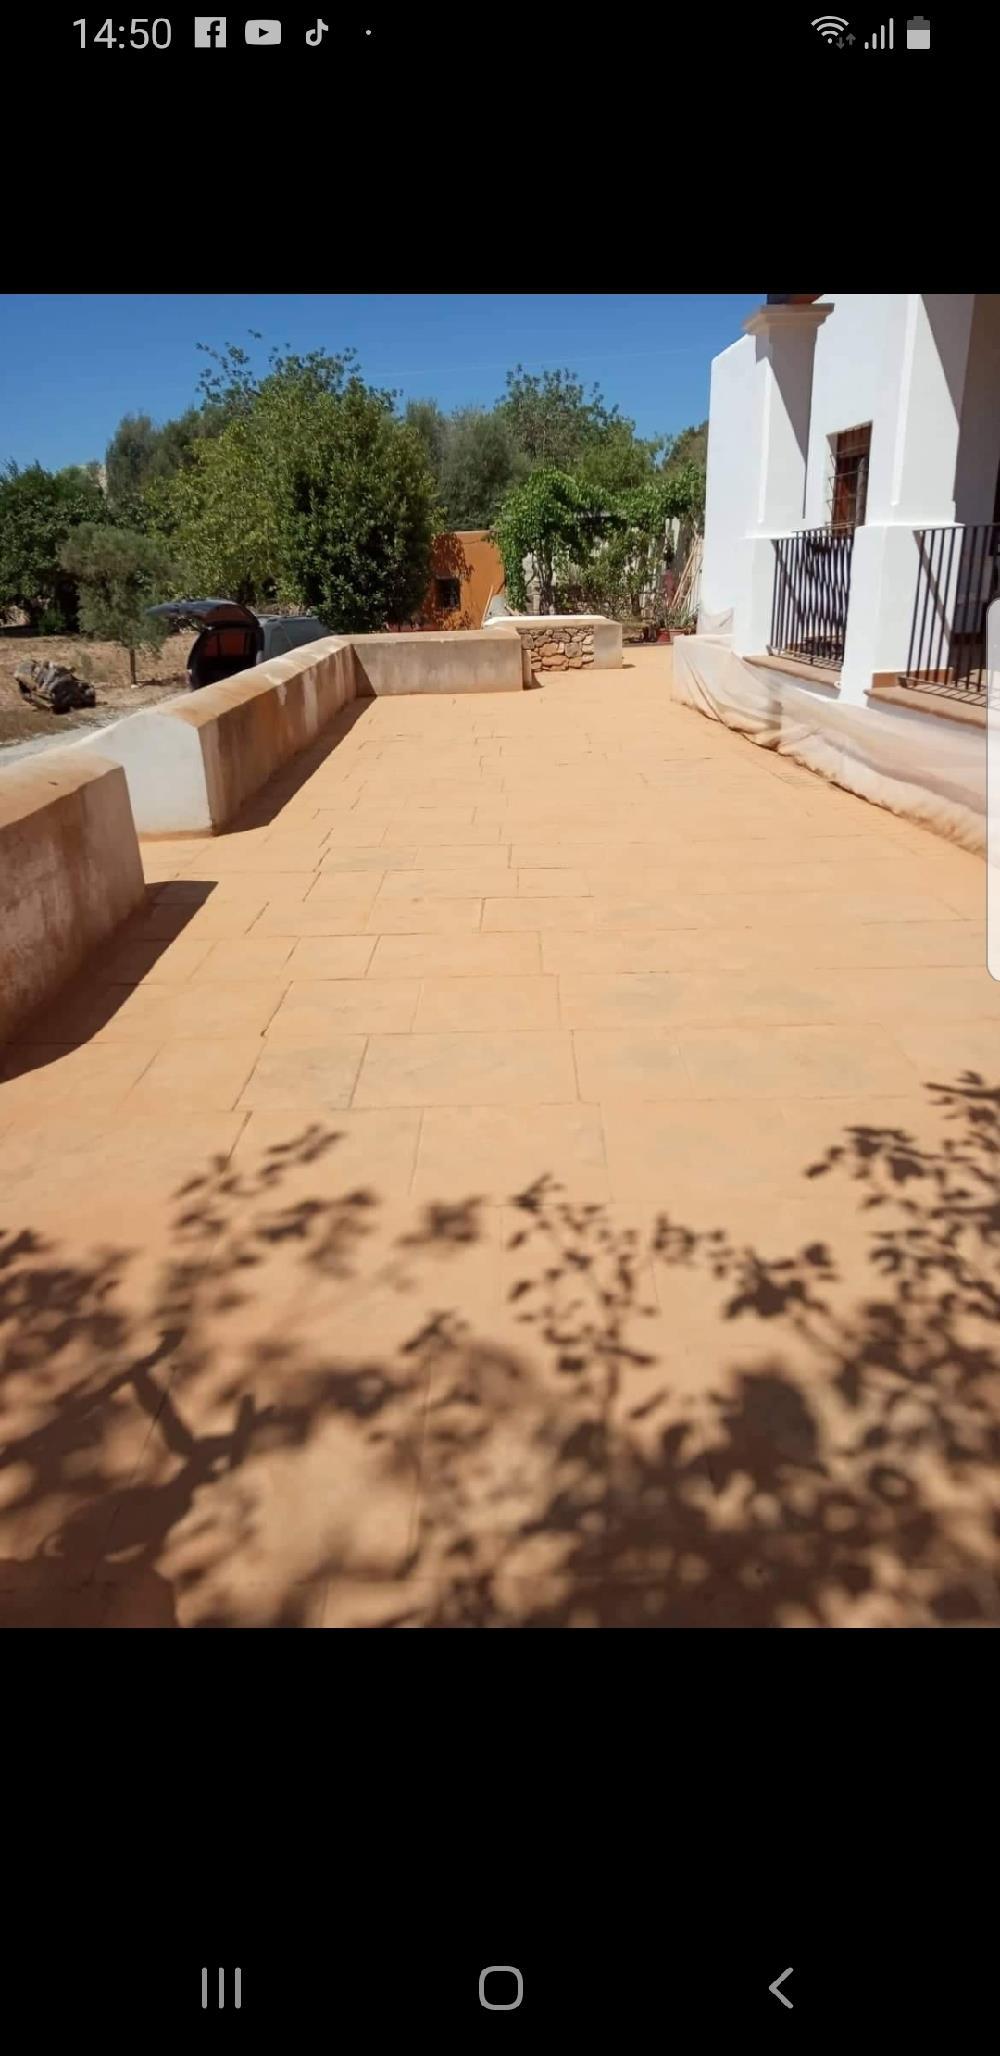 Suntem o echipă care facem beton amprentat și alte construcții în domeniul lucruri în construcții